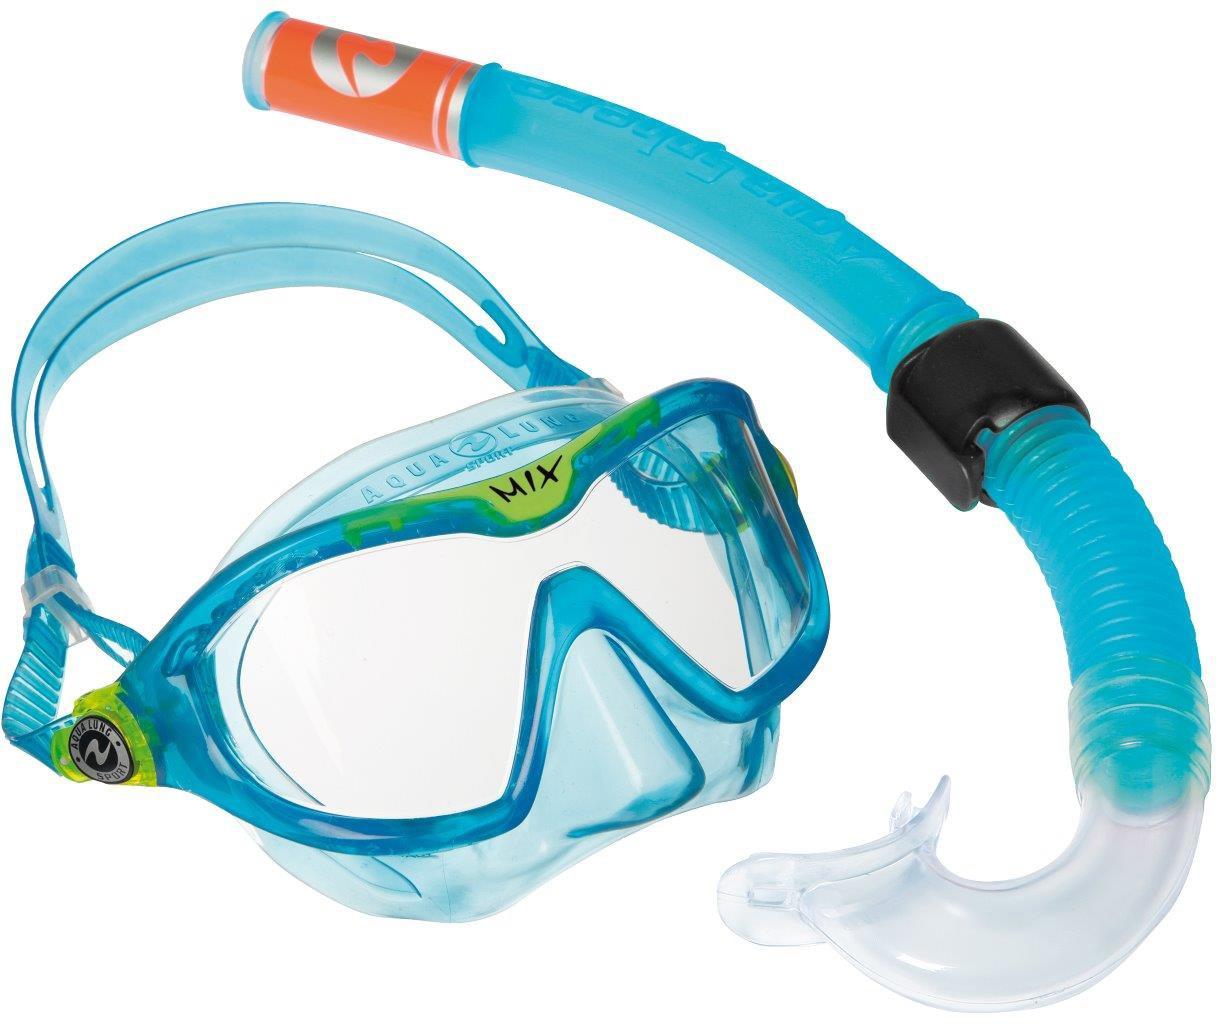 Image of Aqua Lung Sport Schnorchel »Combo Mix« (Set, 2-tlg.)